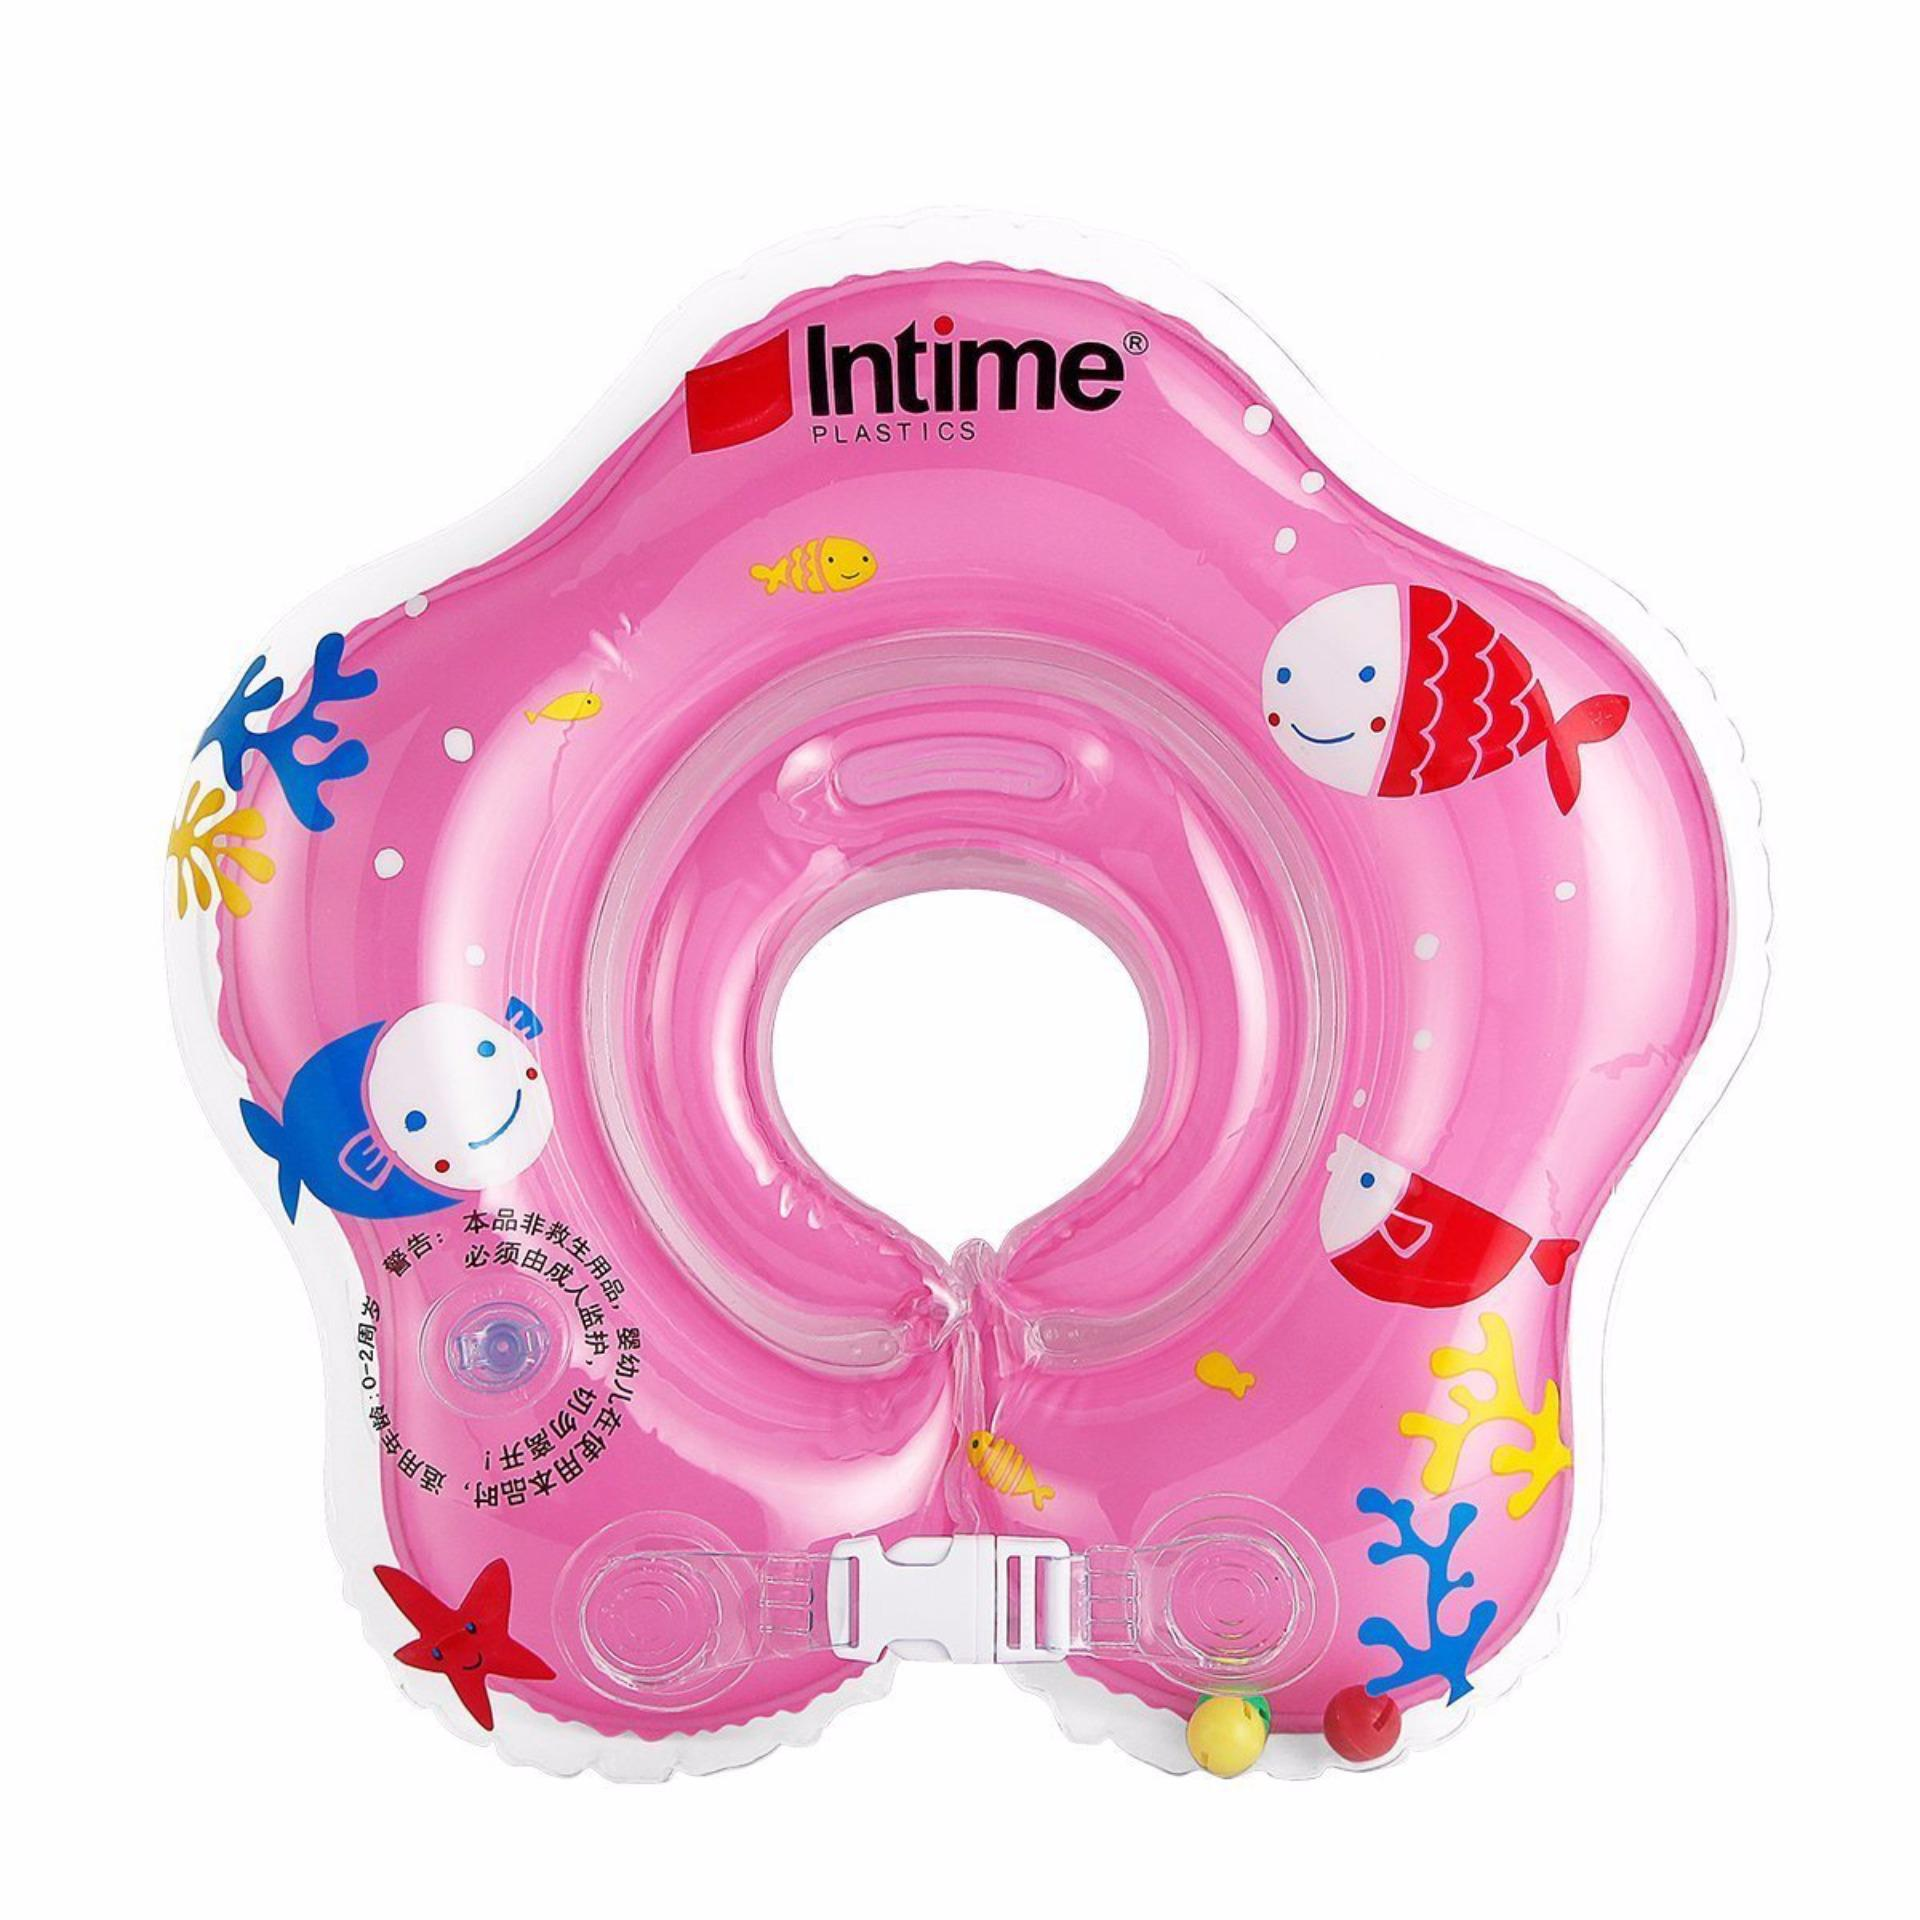 Intime Baby Swim Neckring Bintang. Ban Renang Pelampung Leher Bayi YT-076